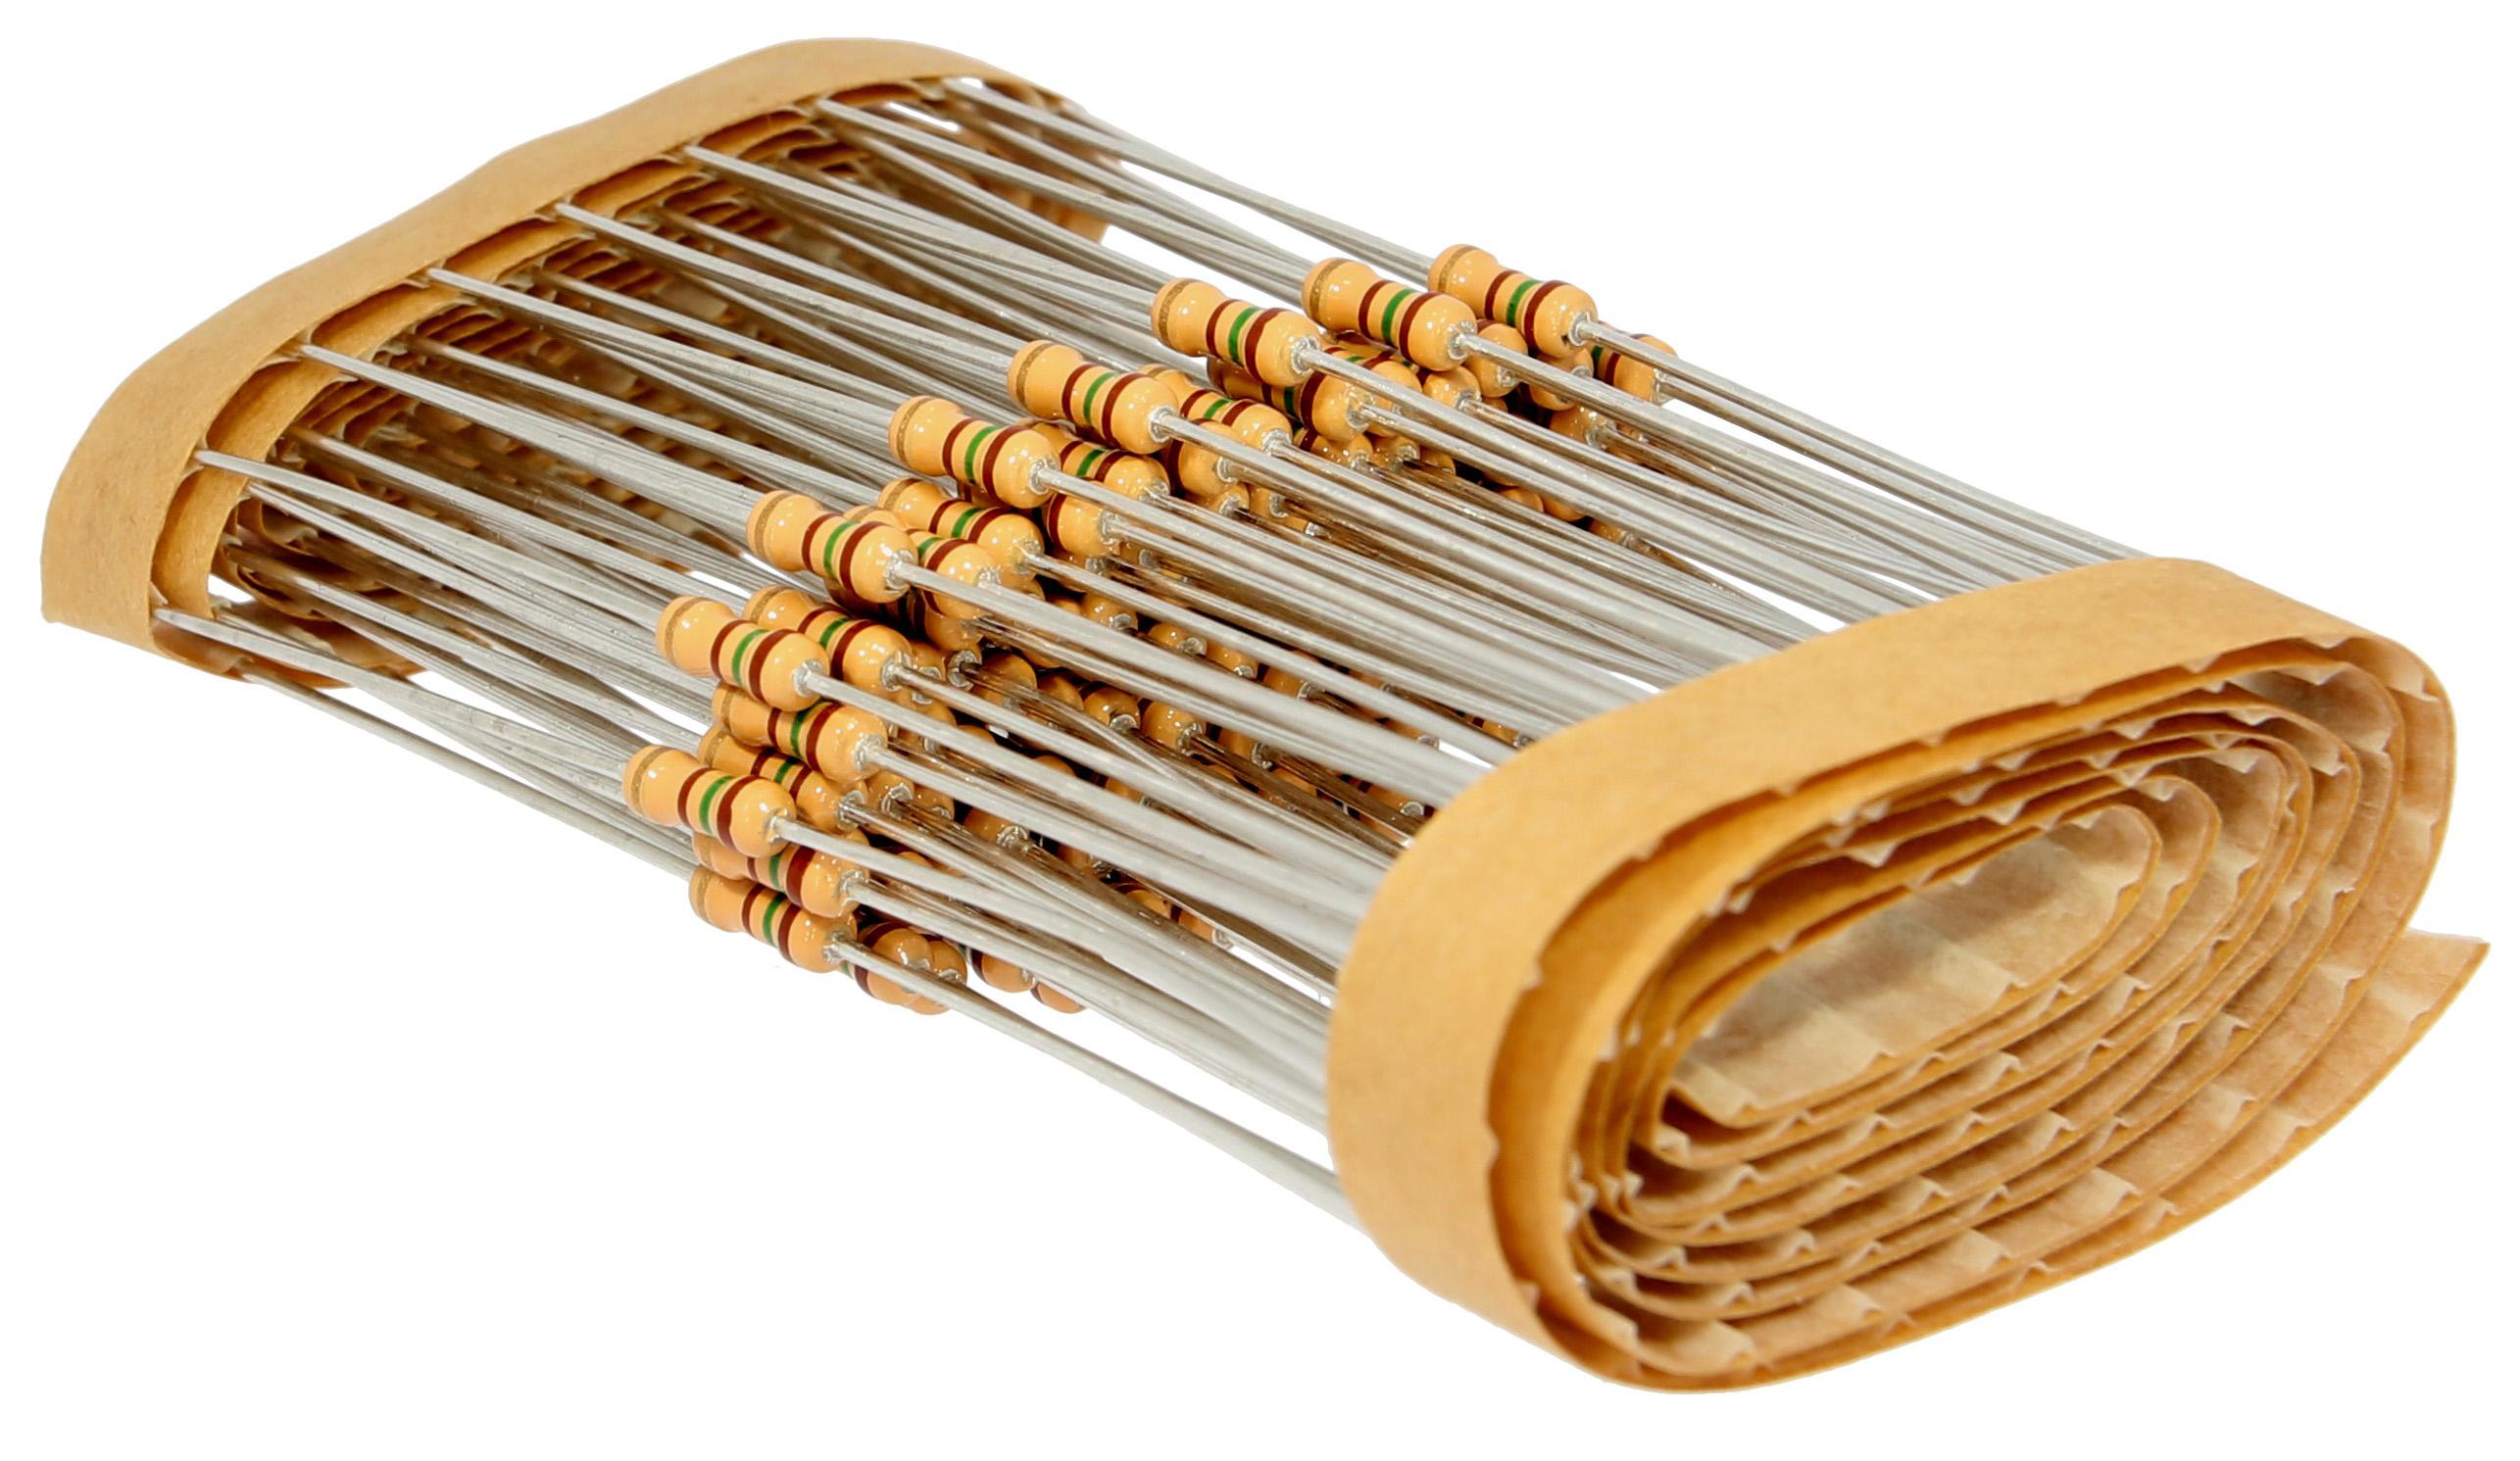 Carbon Resistors 0,25W Bulk Pack